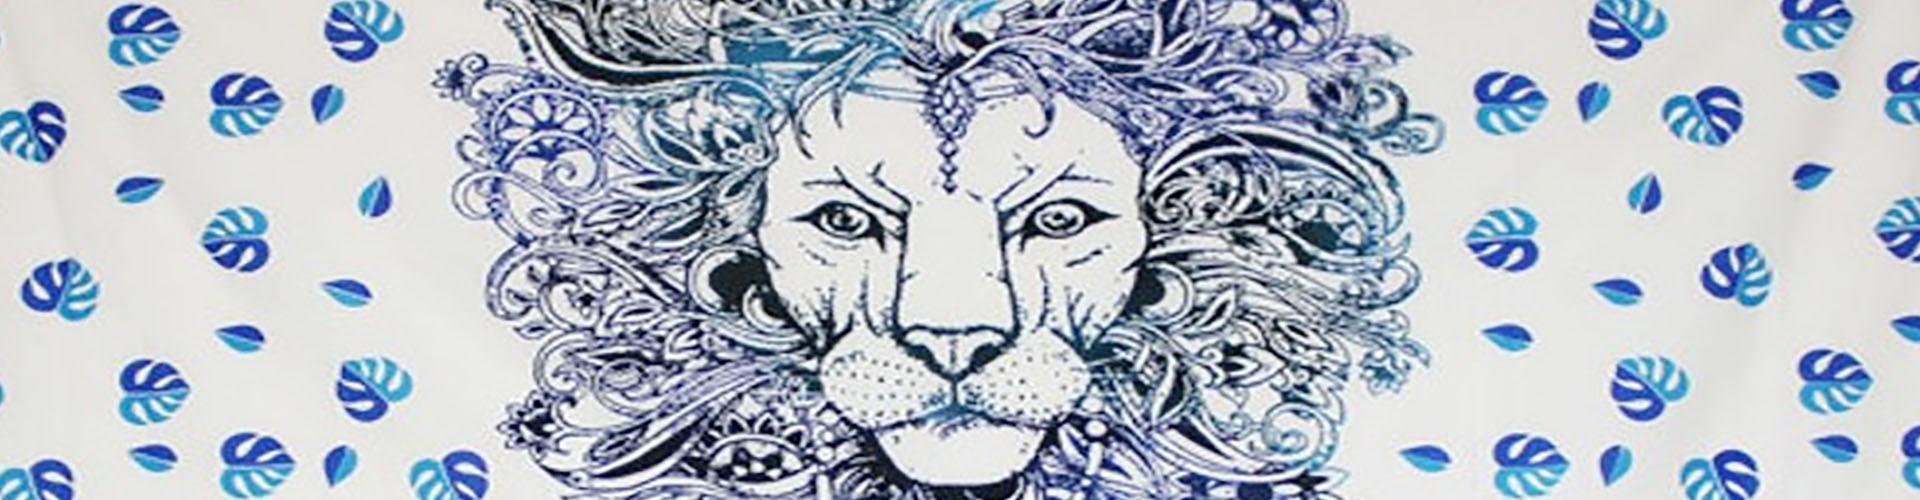 Tenture Animal au motif de lion, éléphant, paon et autres